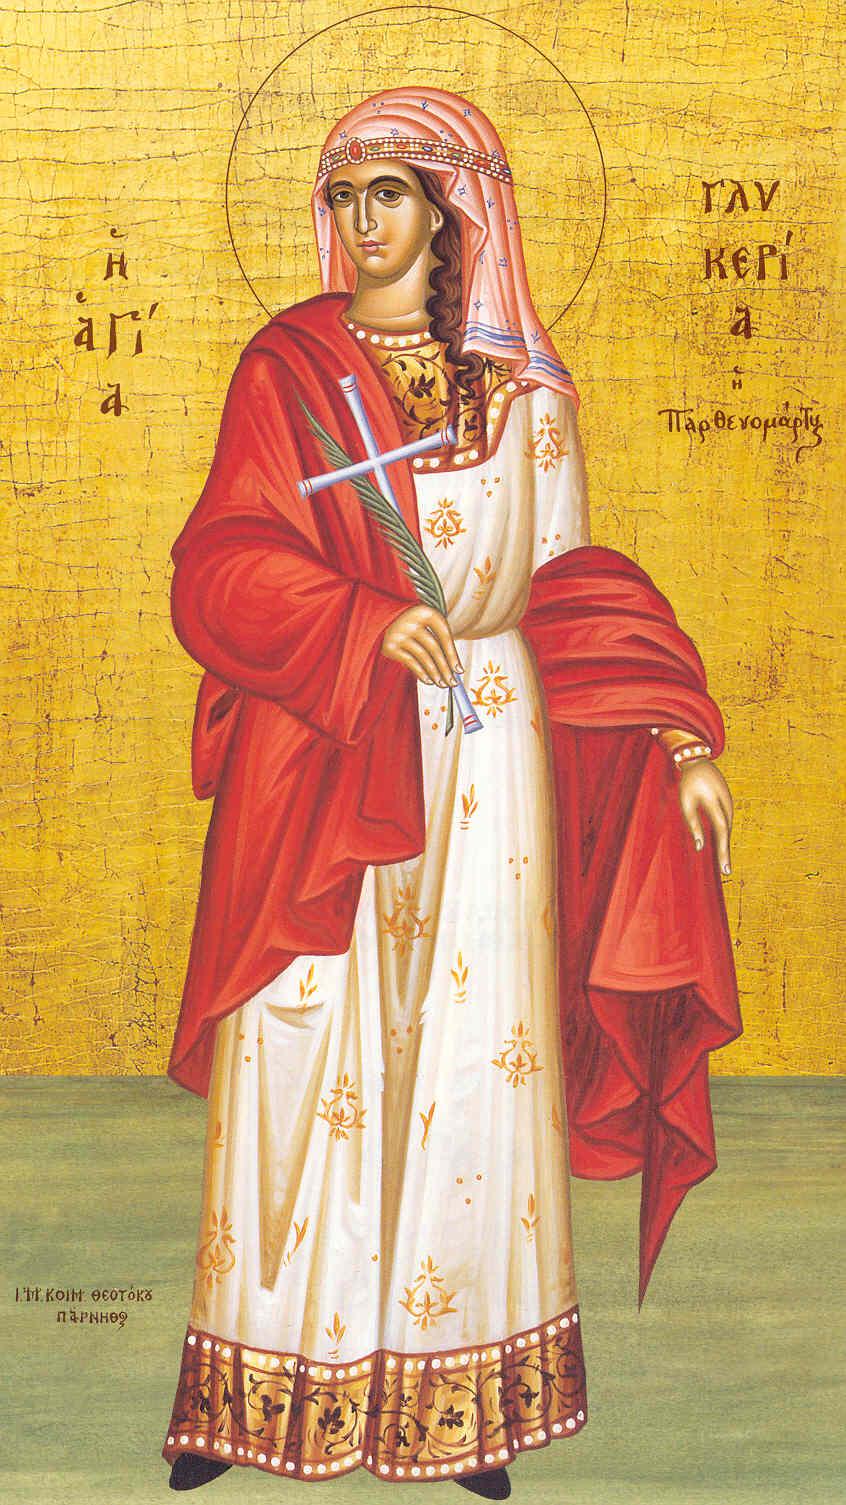 13 Μαΐου μνήμη της Αγίας μάρτυρος Γλυκερίας | naosagiasbarbaras.gr